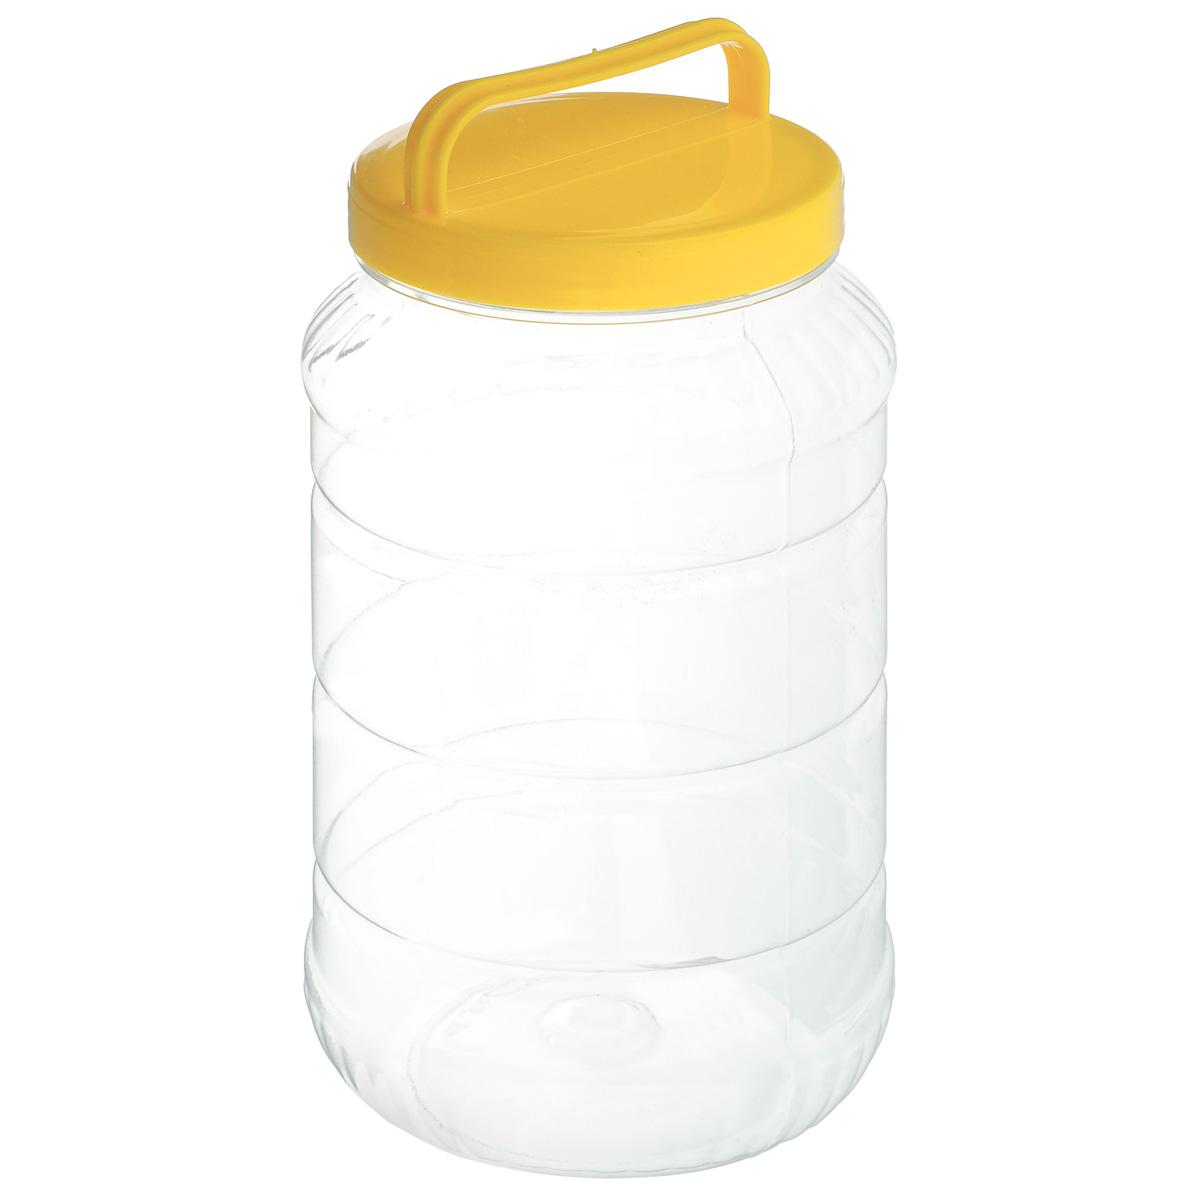 Бидон Альтернатива, цвет: желтый, 3 лZM-11025Бидон Альтернатива предназначен для хранения и переноски пищевых продуктов, таких как молоко, вода и прочее. Выполнен из пищевого высококачественного ПЭТ. Оснащен ручкой для удобной переноски.Бидон Альтернатива станет незаменимым аксессуаром на вашей кухне.Высота бидона (без учета крышки): 25 см.Диаметр: 10,5 см.